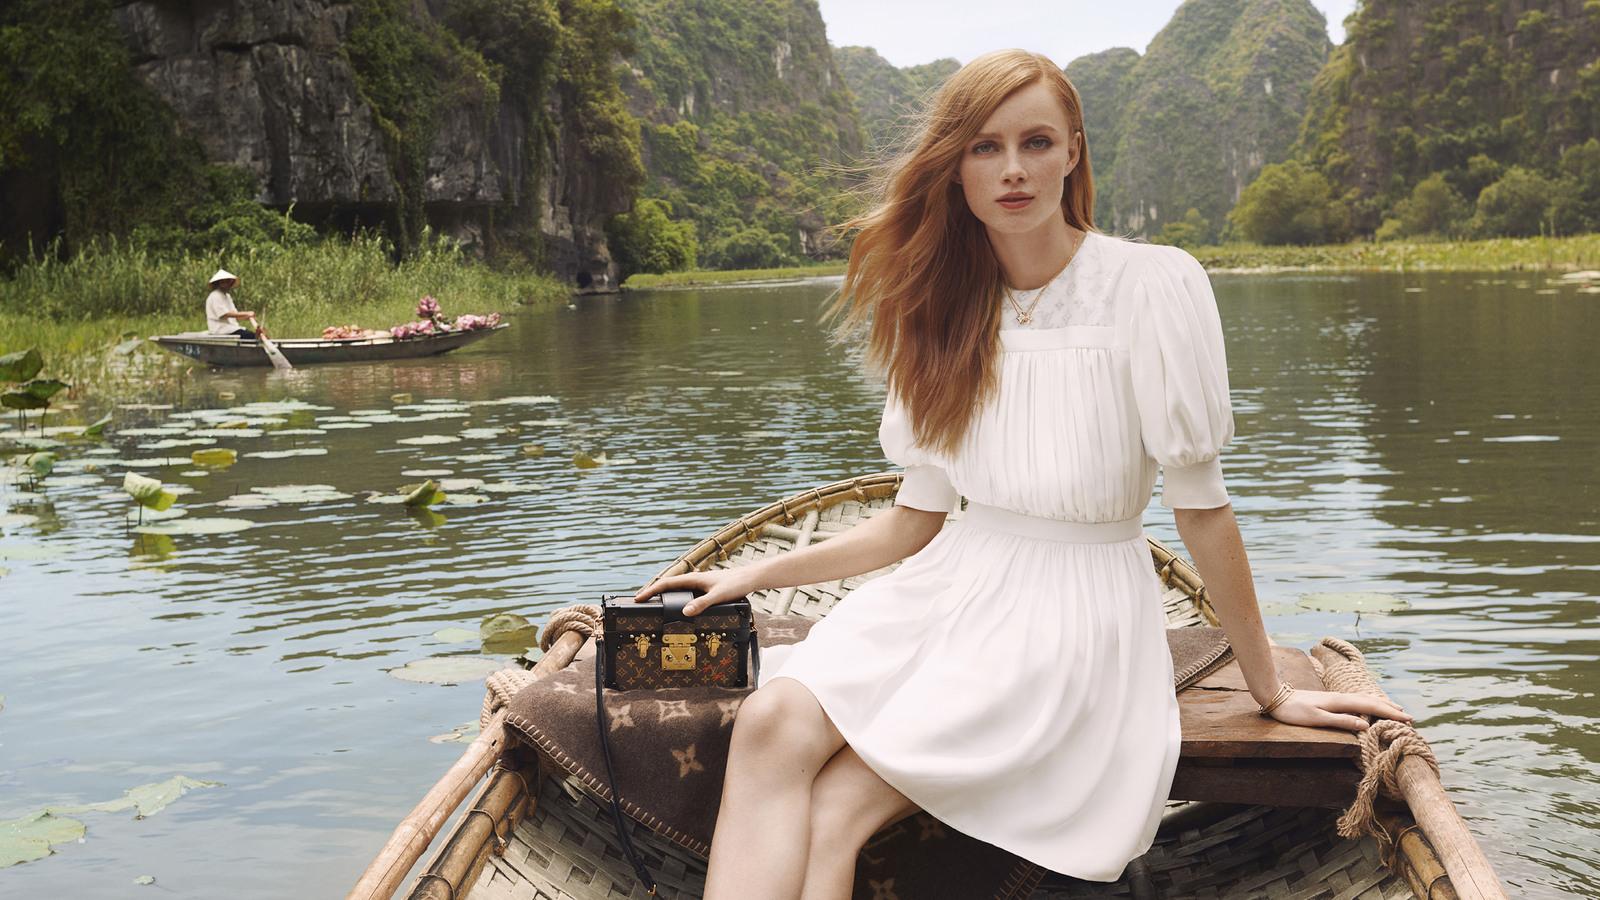 Ha Long, Hoi An et Ninh Binh dans un clip de Louis Vuitton